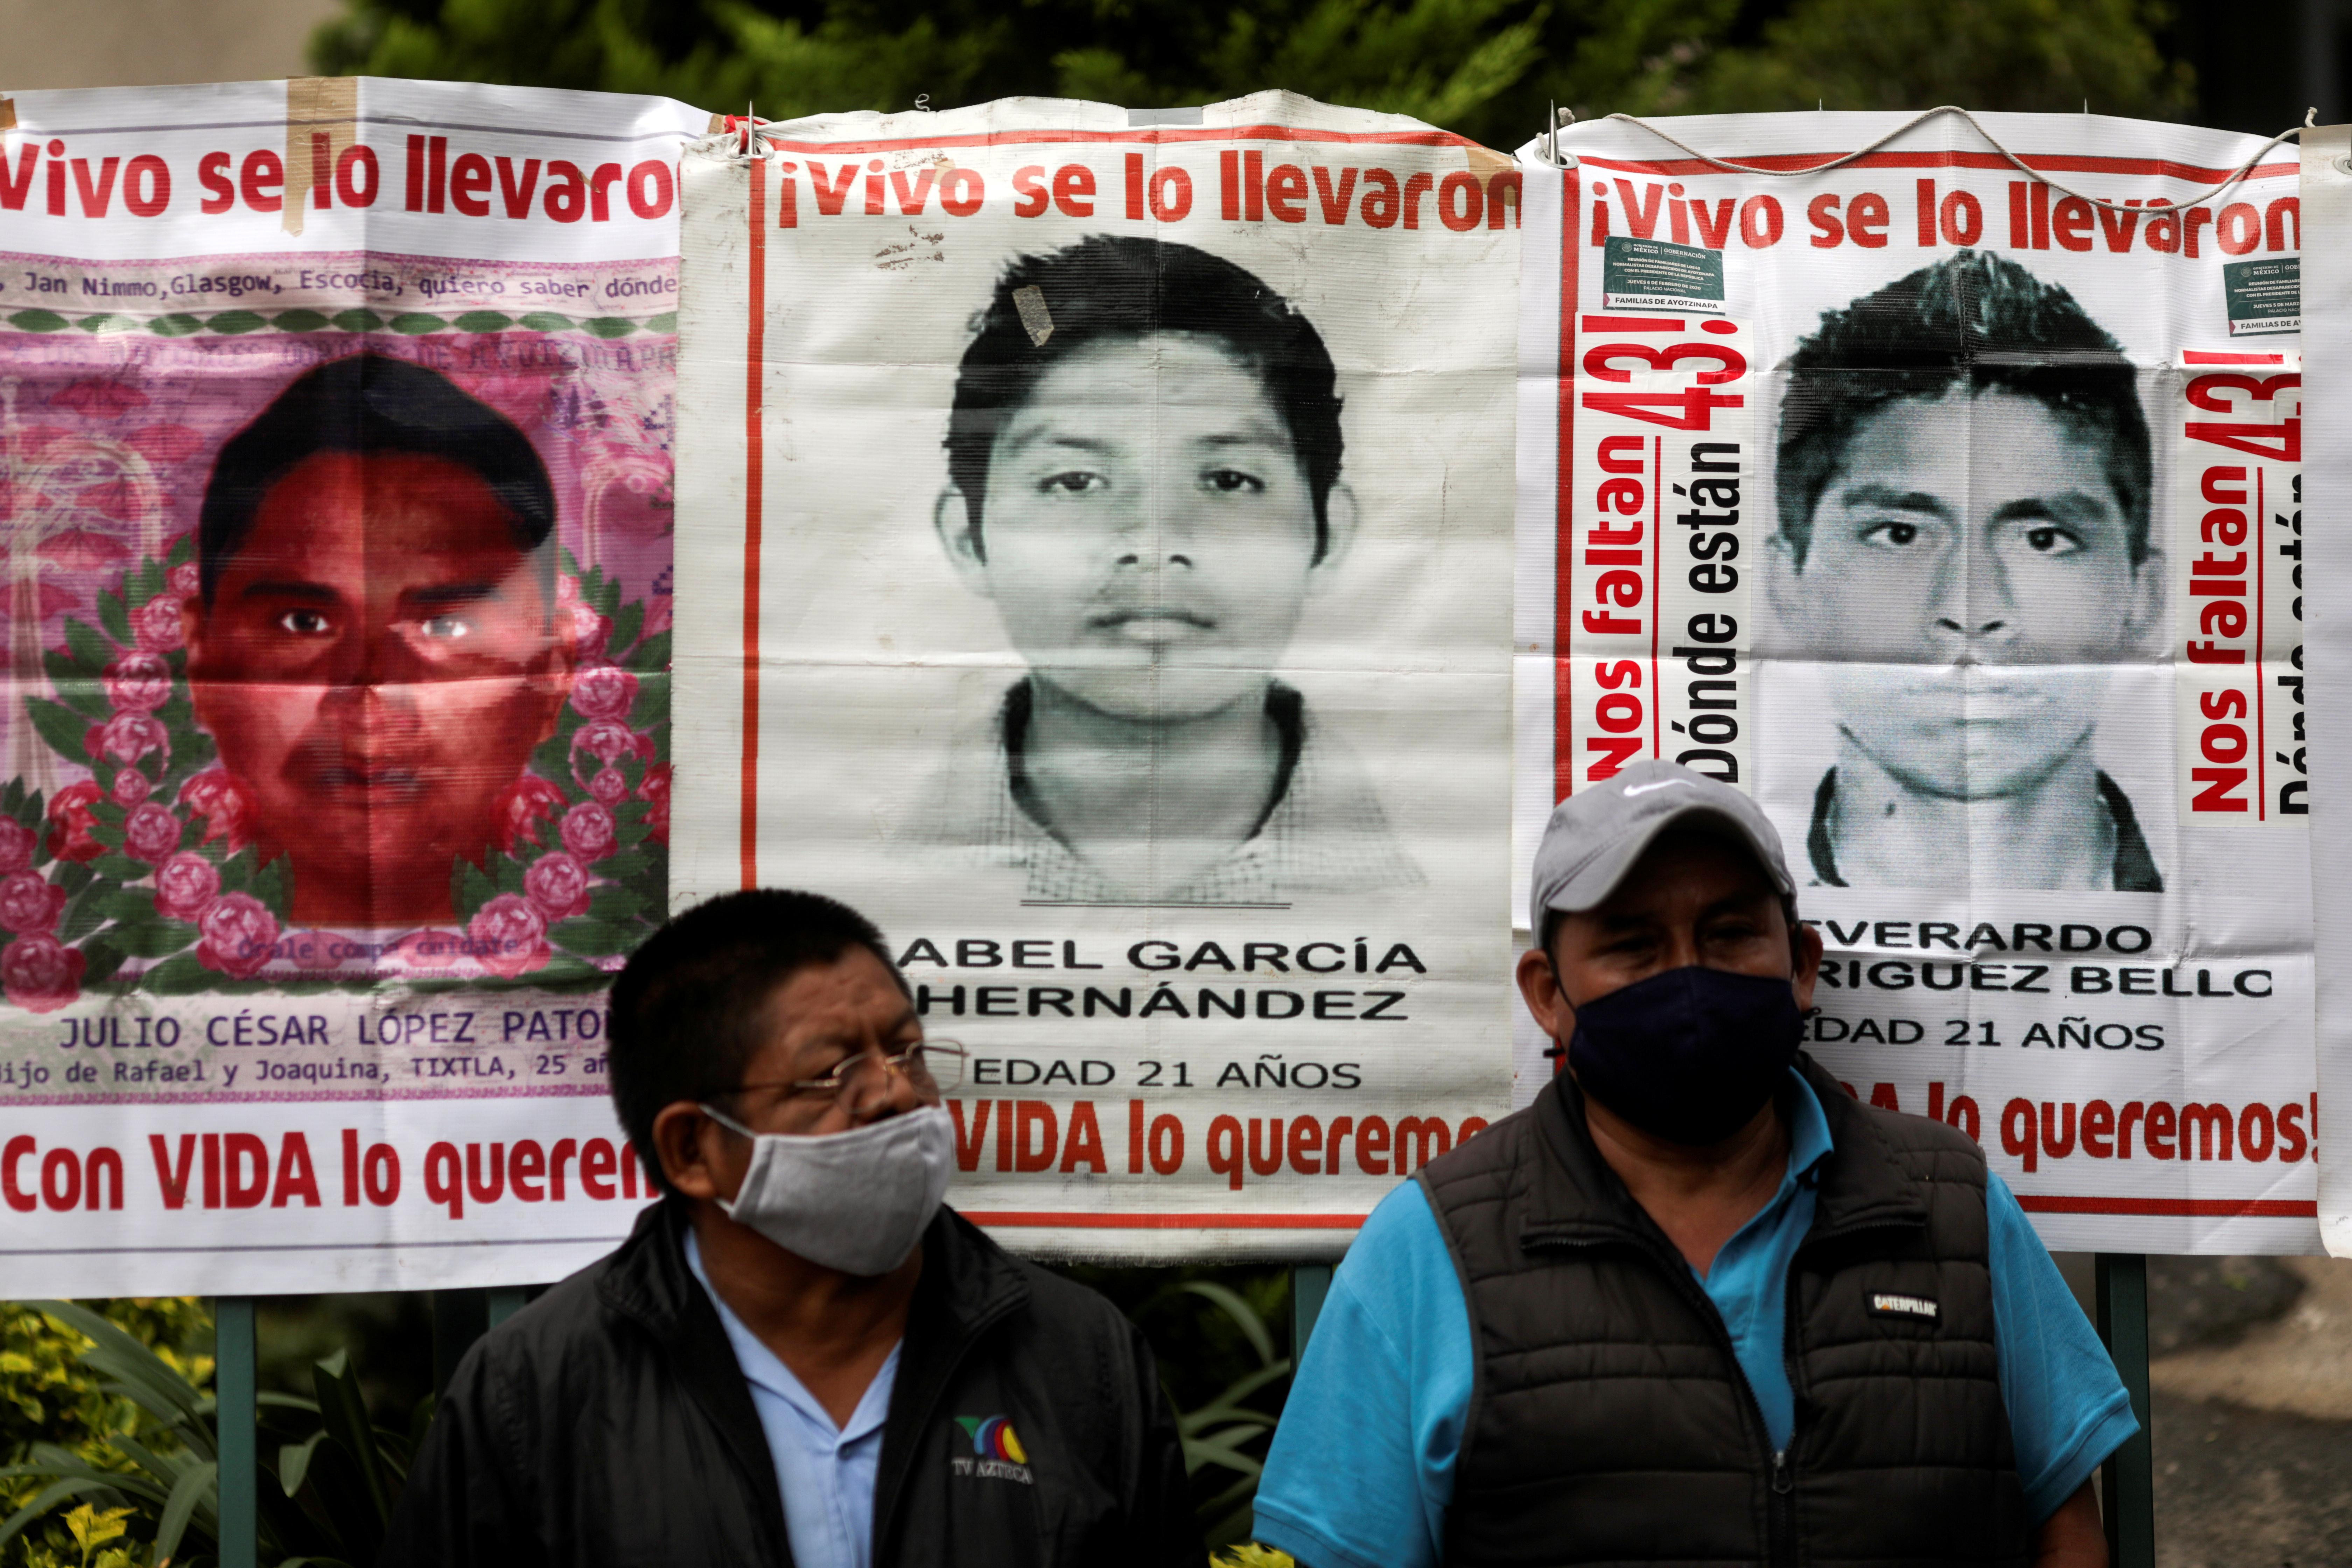 Familiares de estudiantes desaparecidos parados en frente de carteles mientras participan en una protesta frente al Consejo de la Judicatura Federal, antes del sexto aniversario de la desaparición de 43 estudiantes de la Escuela de Formación de Maestros de Ayotzinapa, en la Ciudad de México, México Septiembre 24 de febrero de 2020.